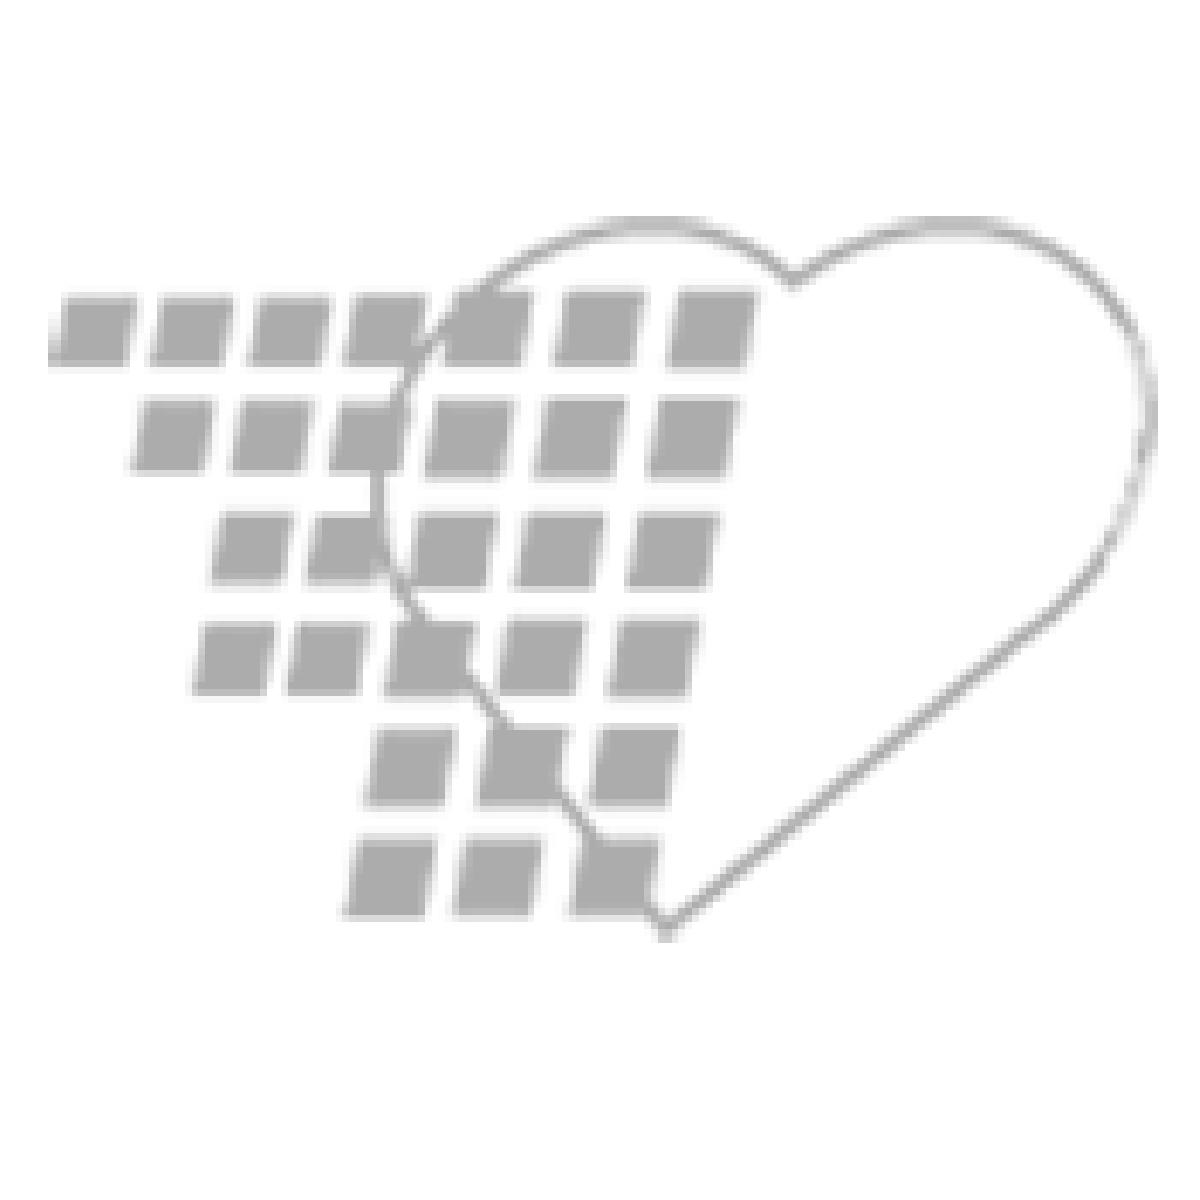 06-74-7015 - Pill Cutter